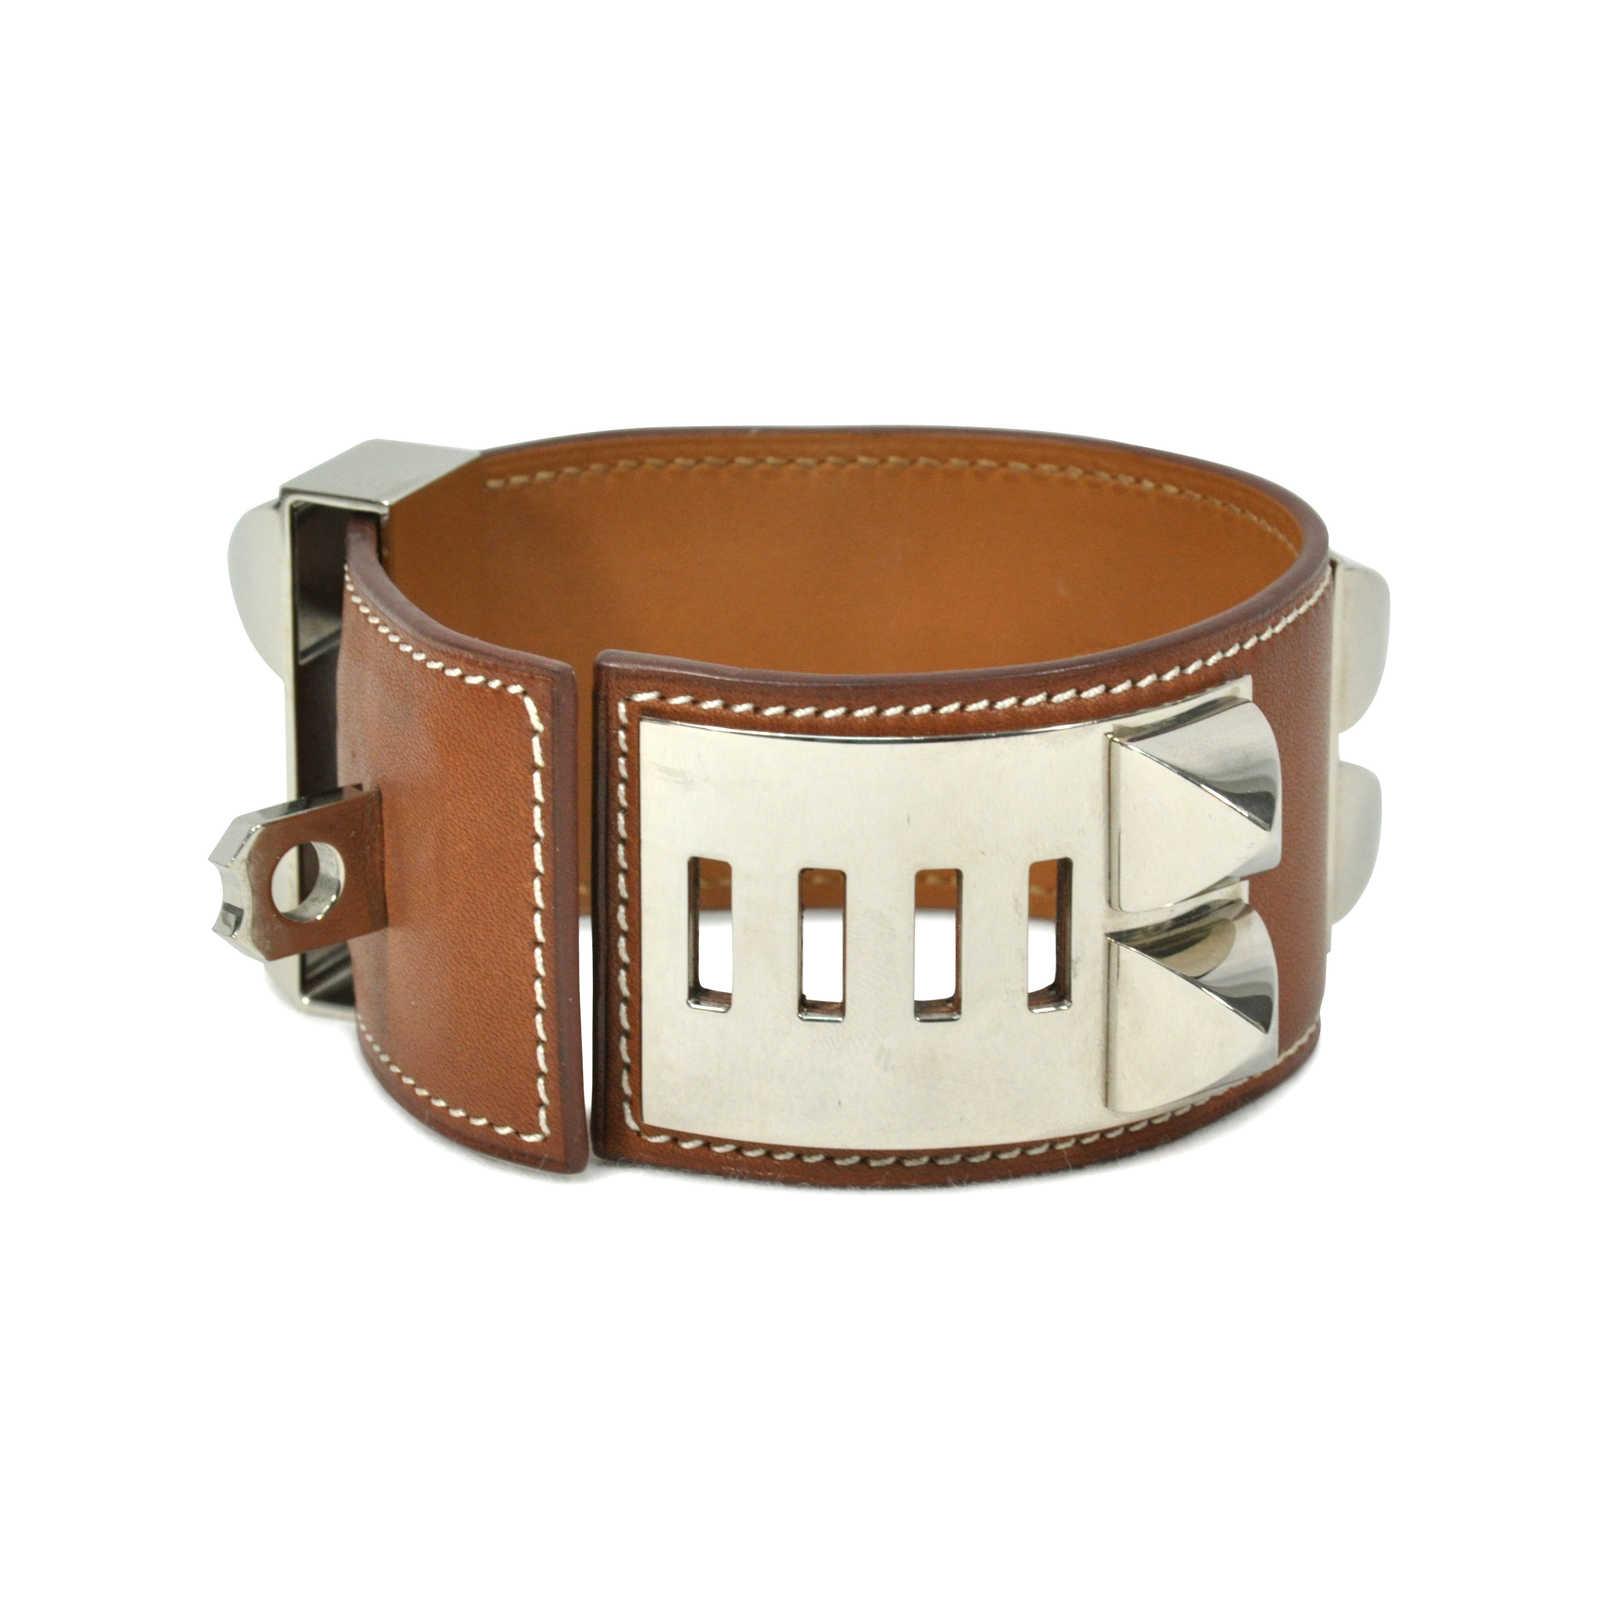 ... coupon for authentic pre owned hermès hermes collier de chien bracelet  pss 240 00108 3ba5d d8774 7c5dab42380